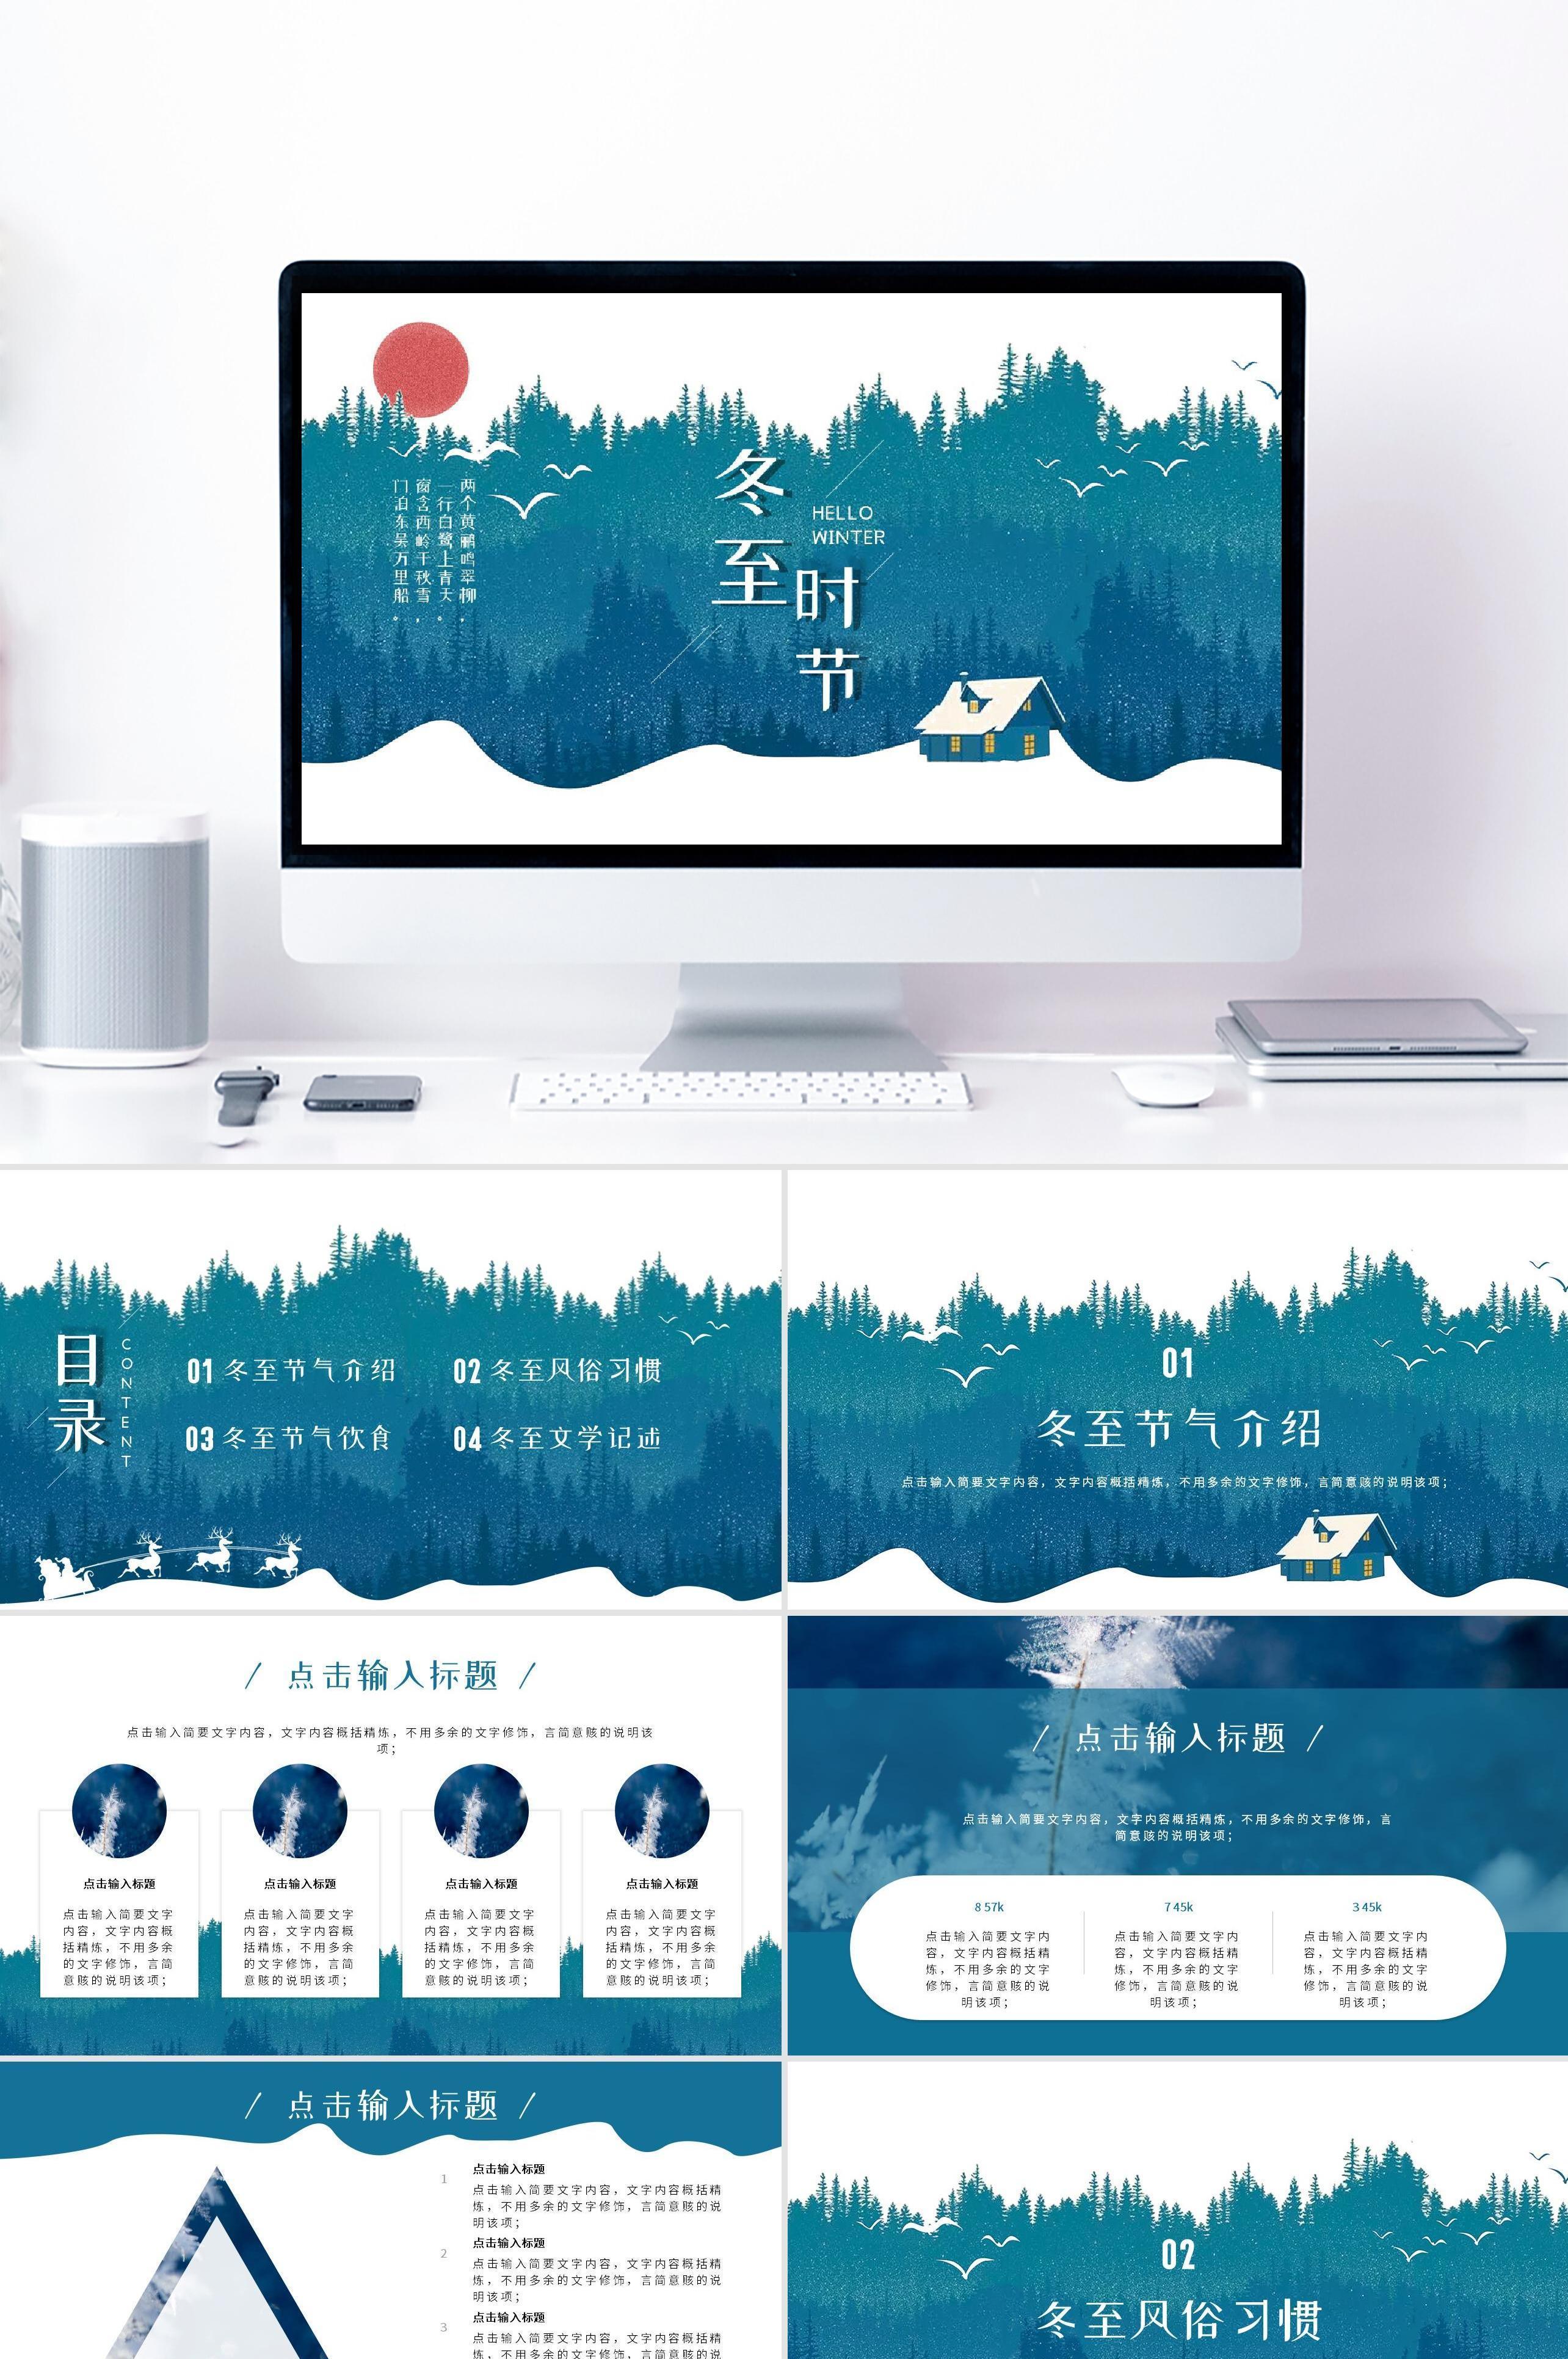 黛色清新森林冬至时节介绍宣传PPT模板